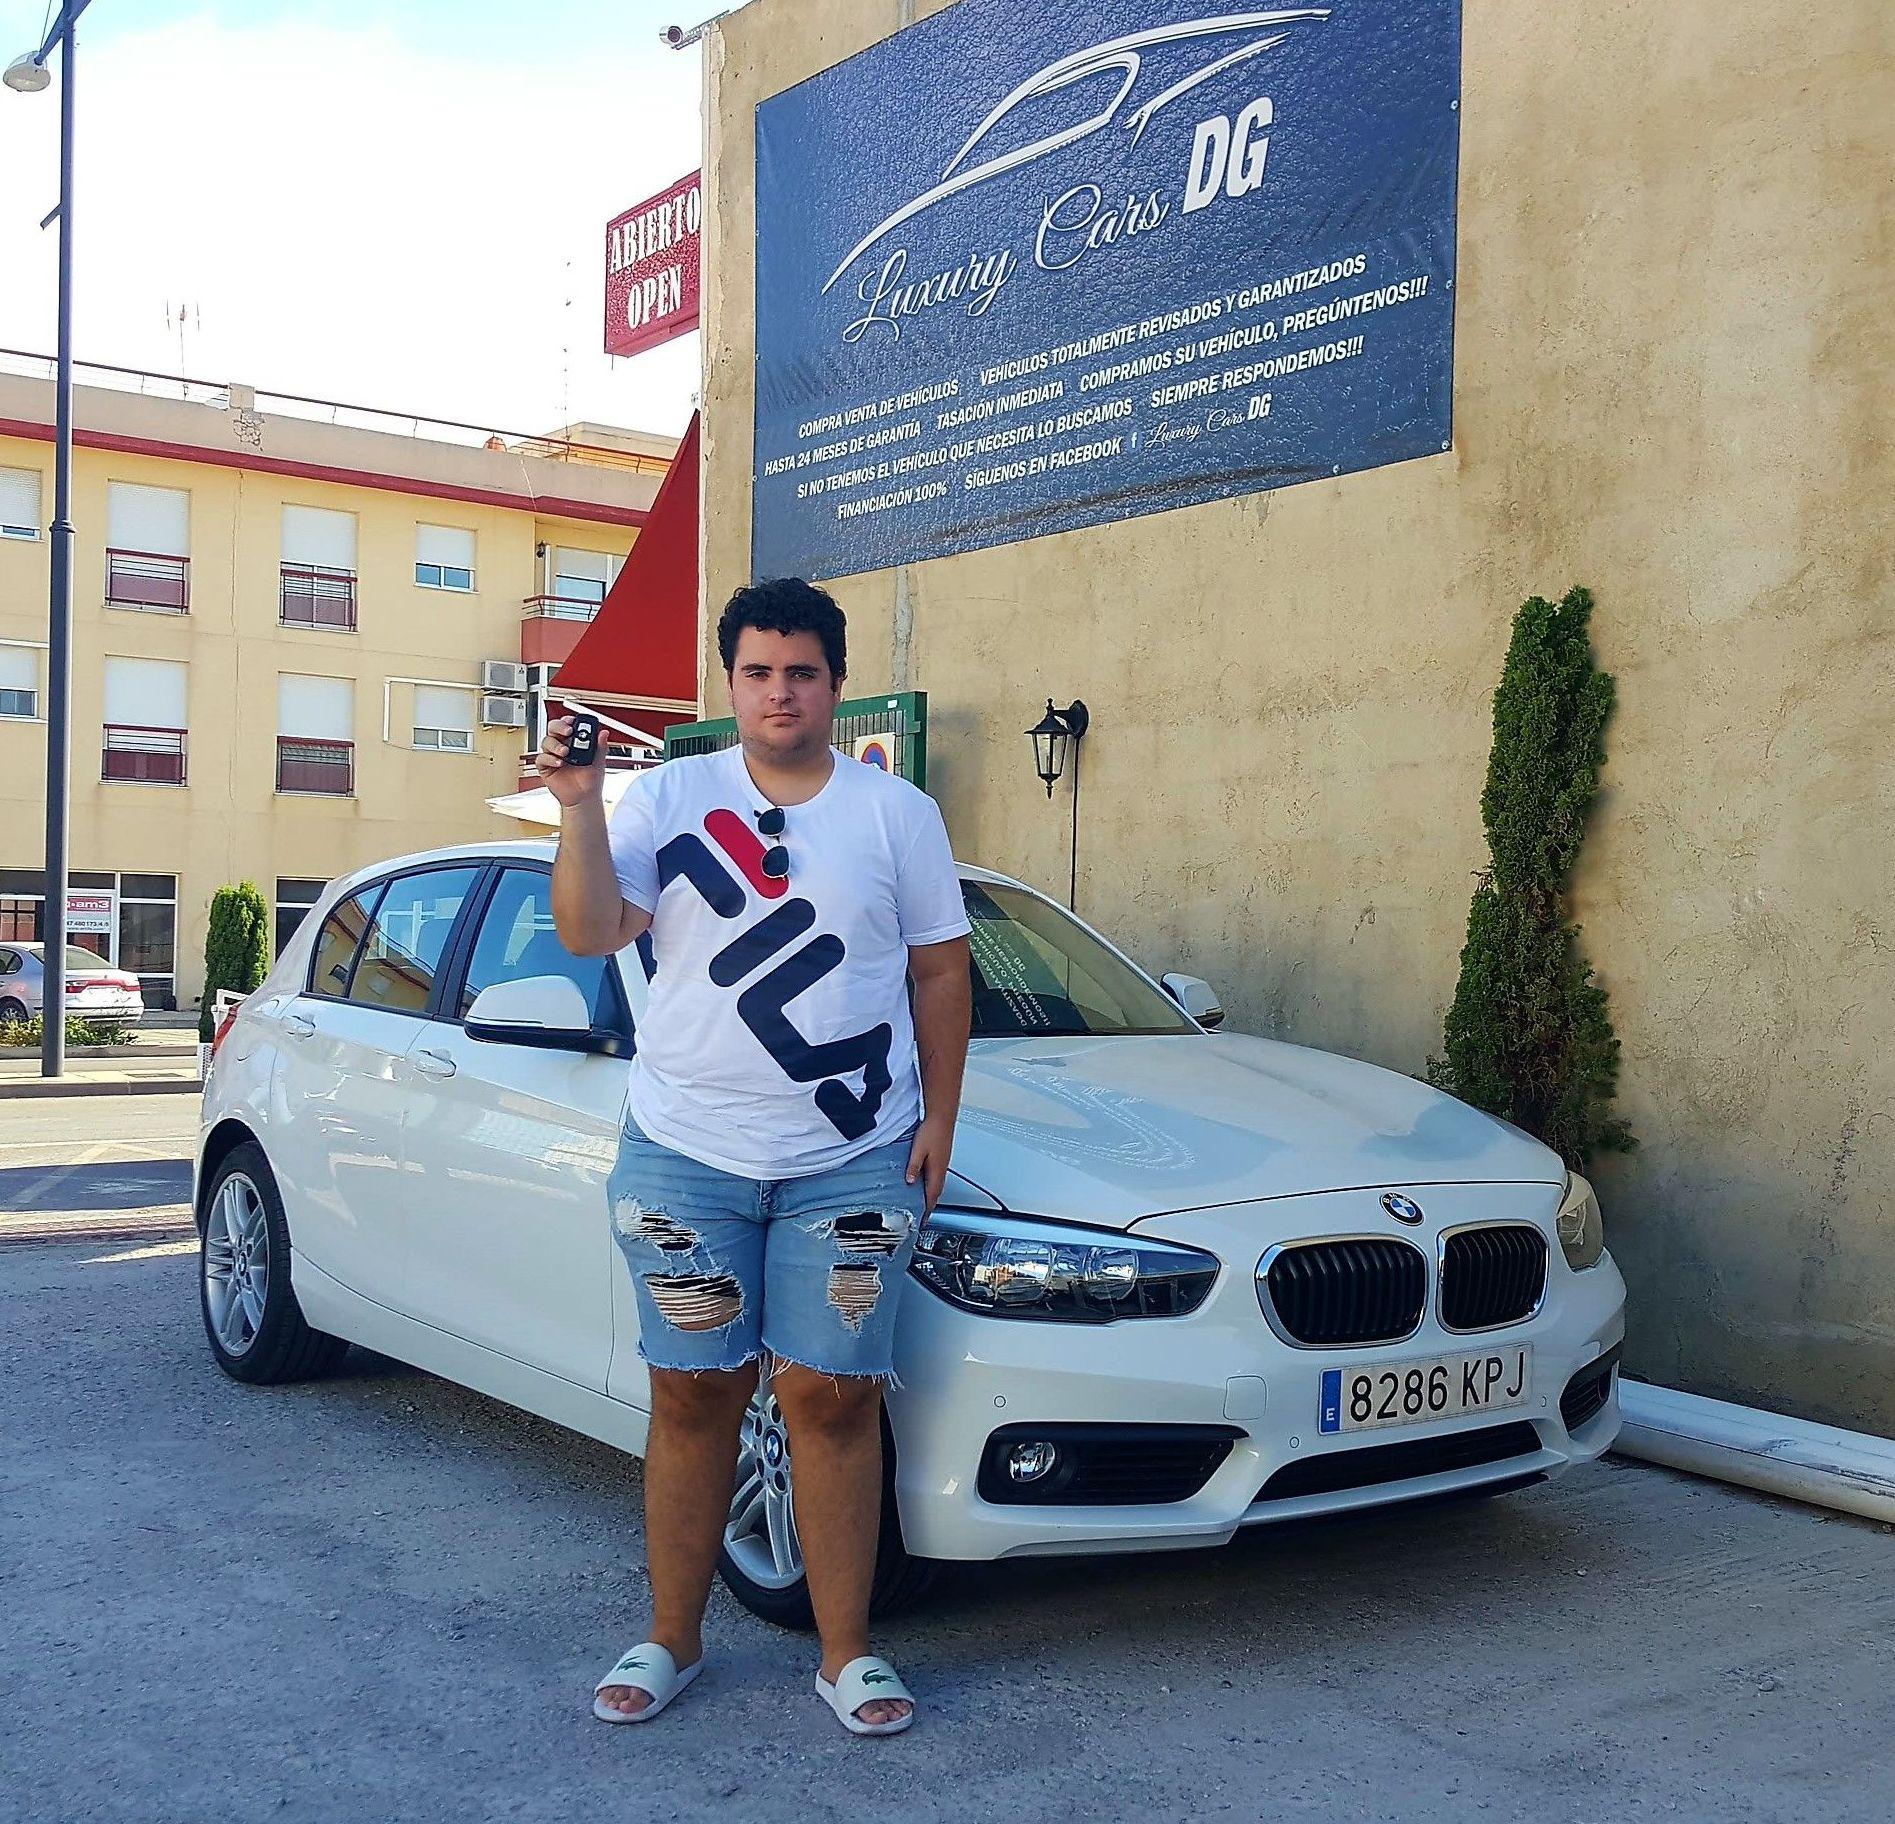 Foto 13 de Compraventa de automóviles en Vera | Luxury Cars DG